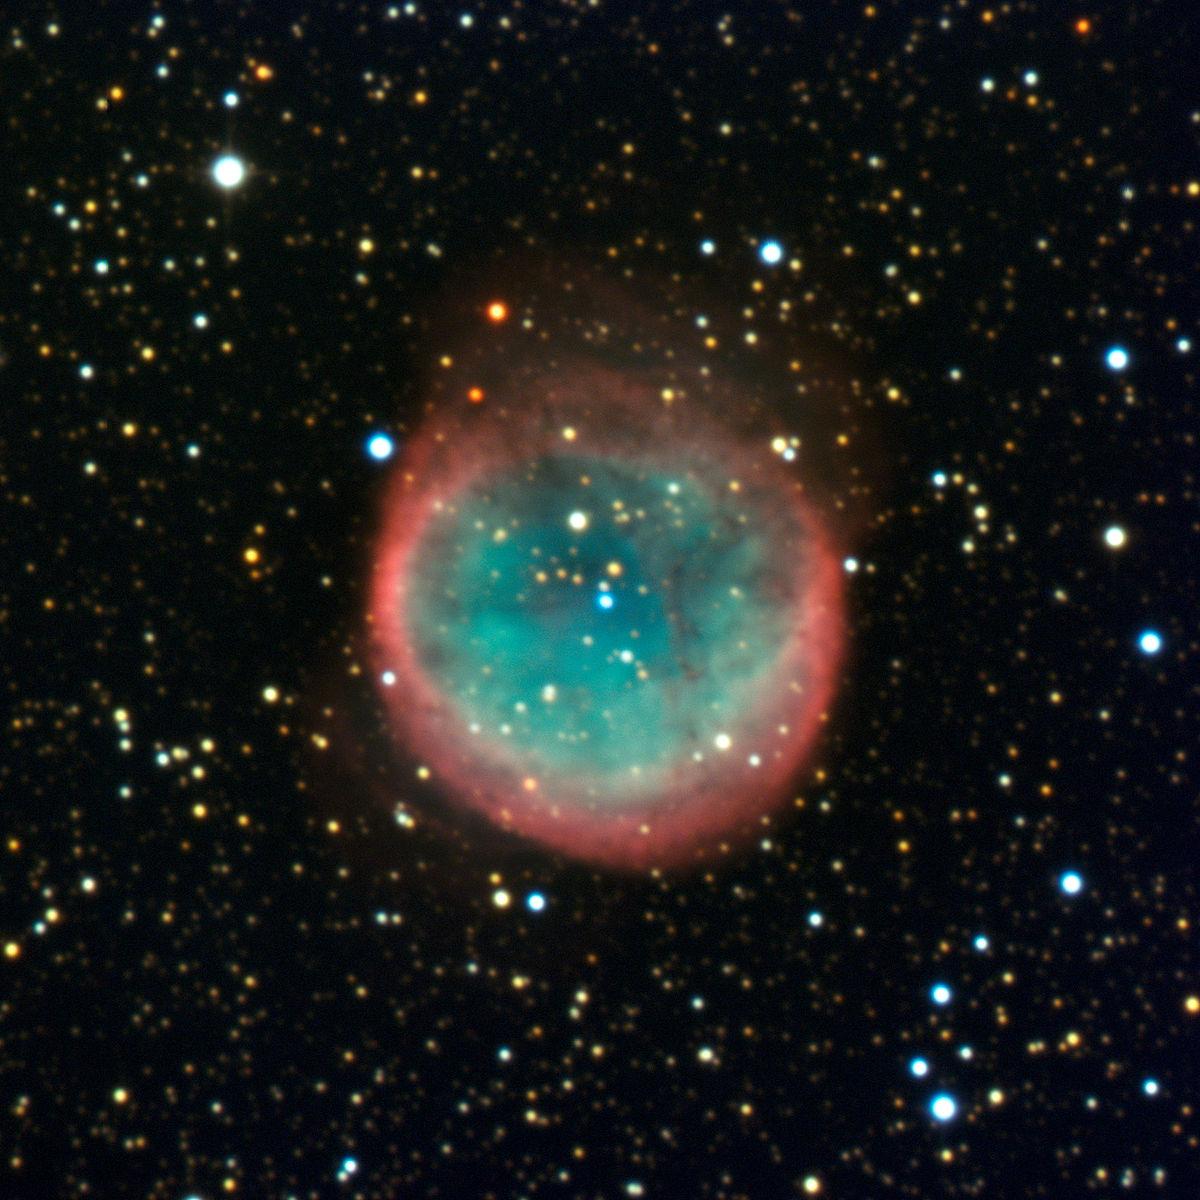 Aufgenommen mit dem 3,6-m-Teleskop des La Silla Observatory